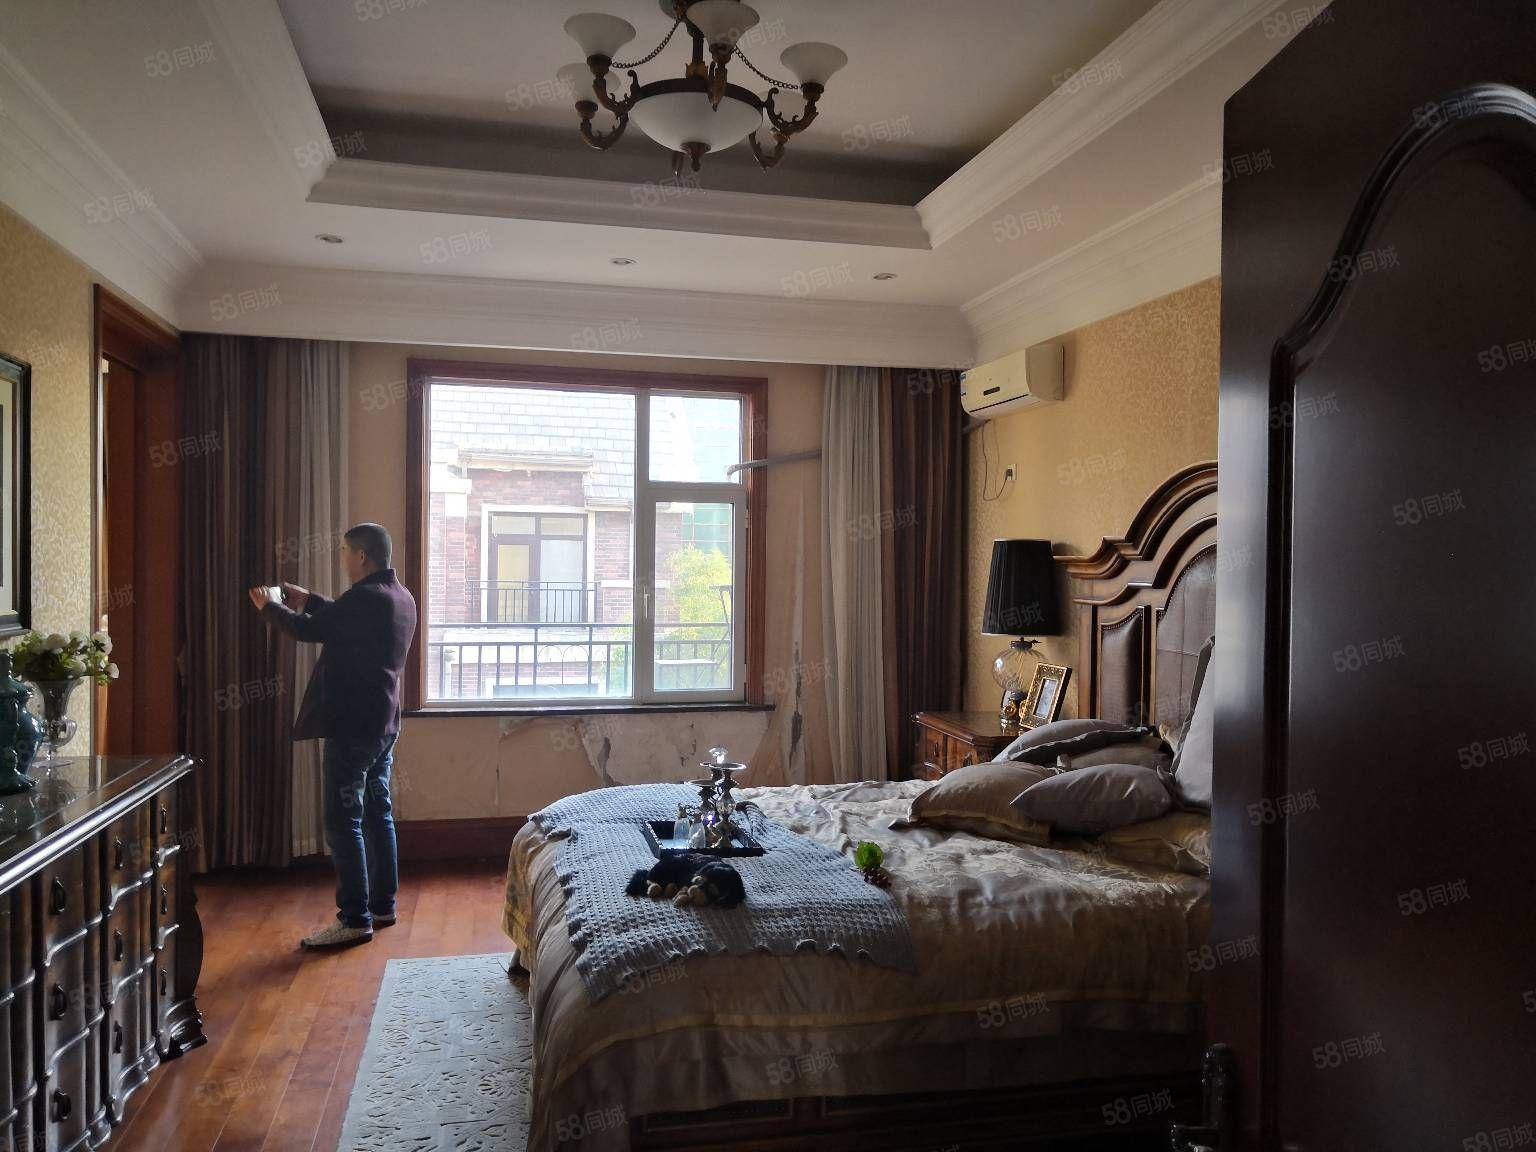 沂州实验学区房明德花园四室两厅过五唯一送车位142万低价出售